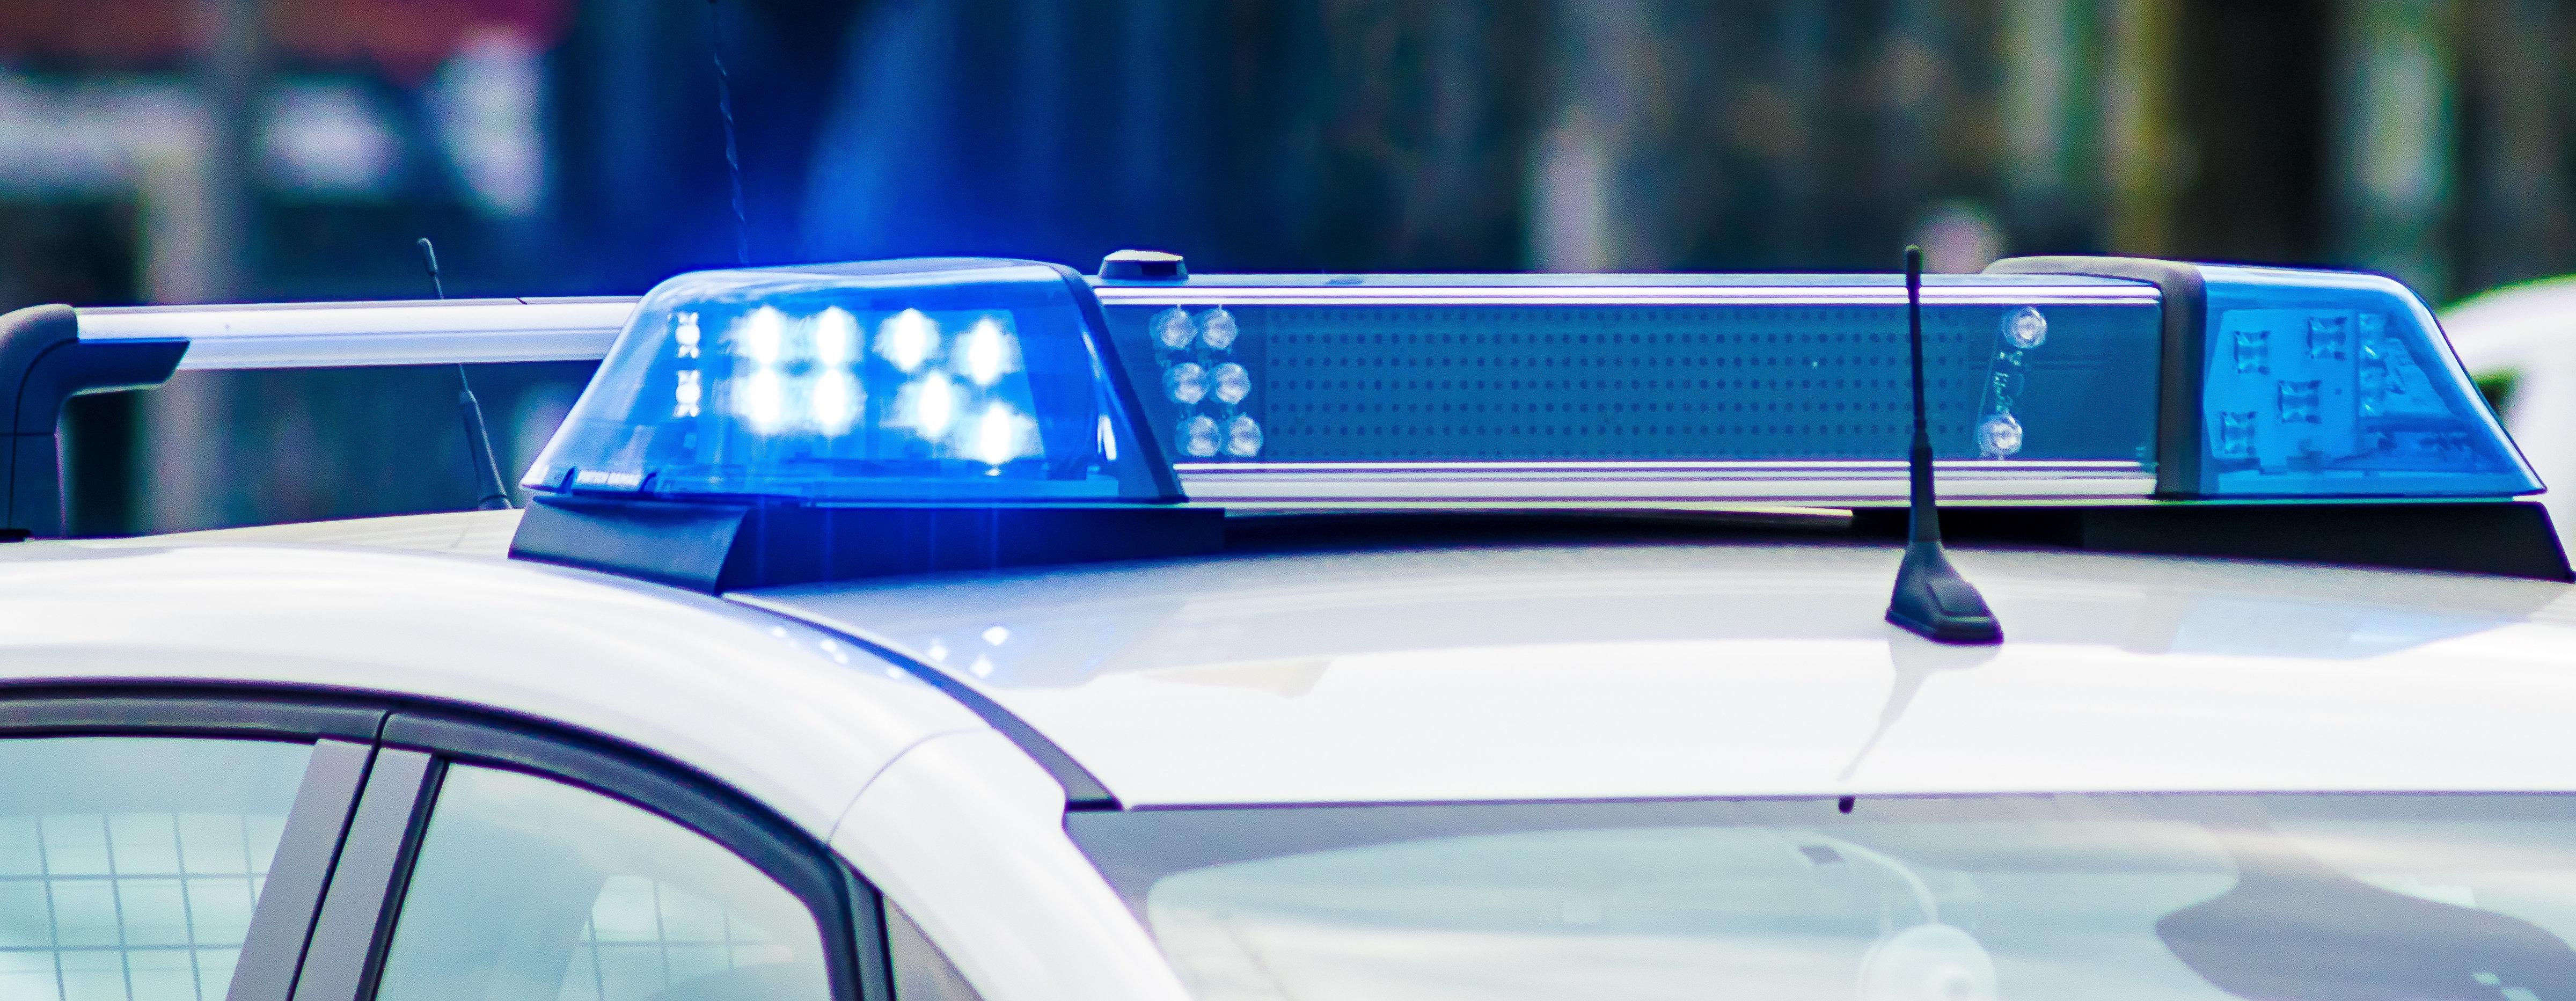 Berlin: Bewusstlose Frau mit Kopfschuss gefunden – Polizei